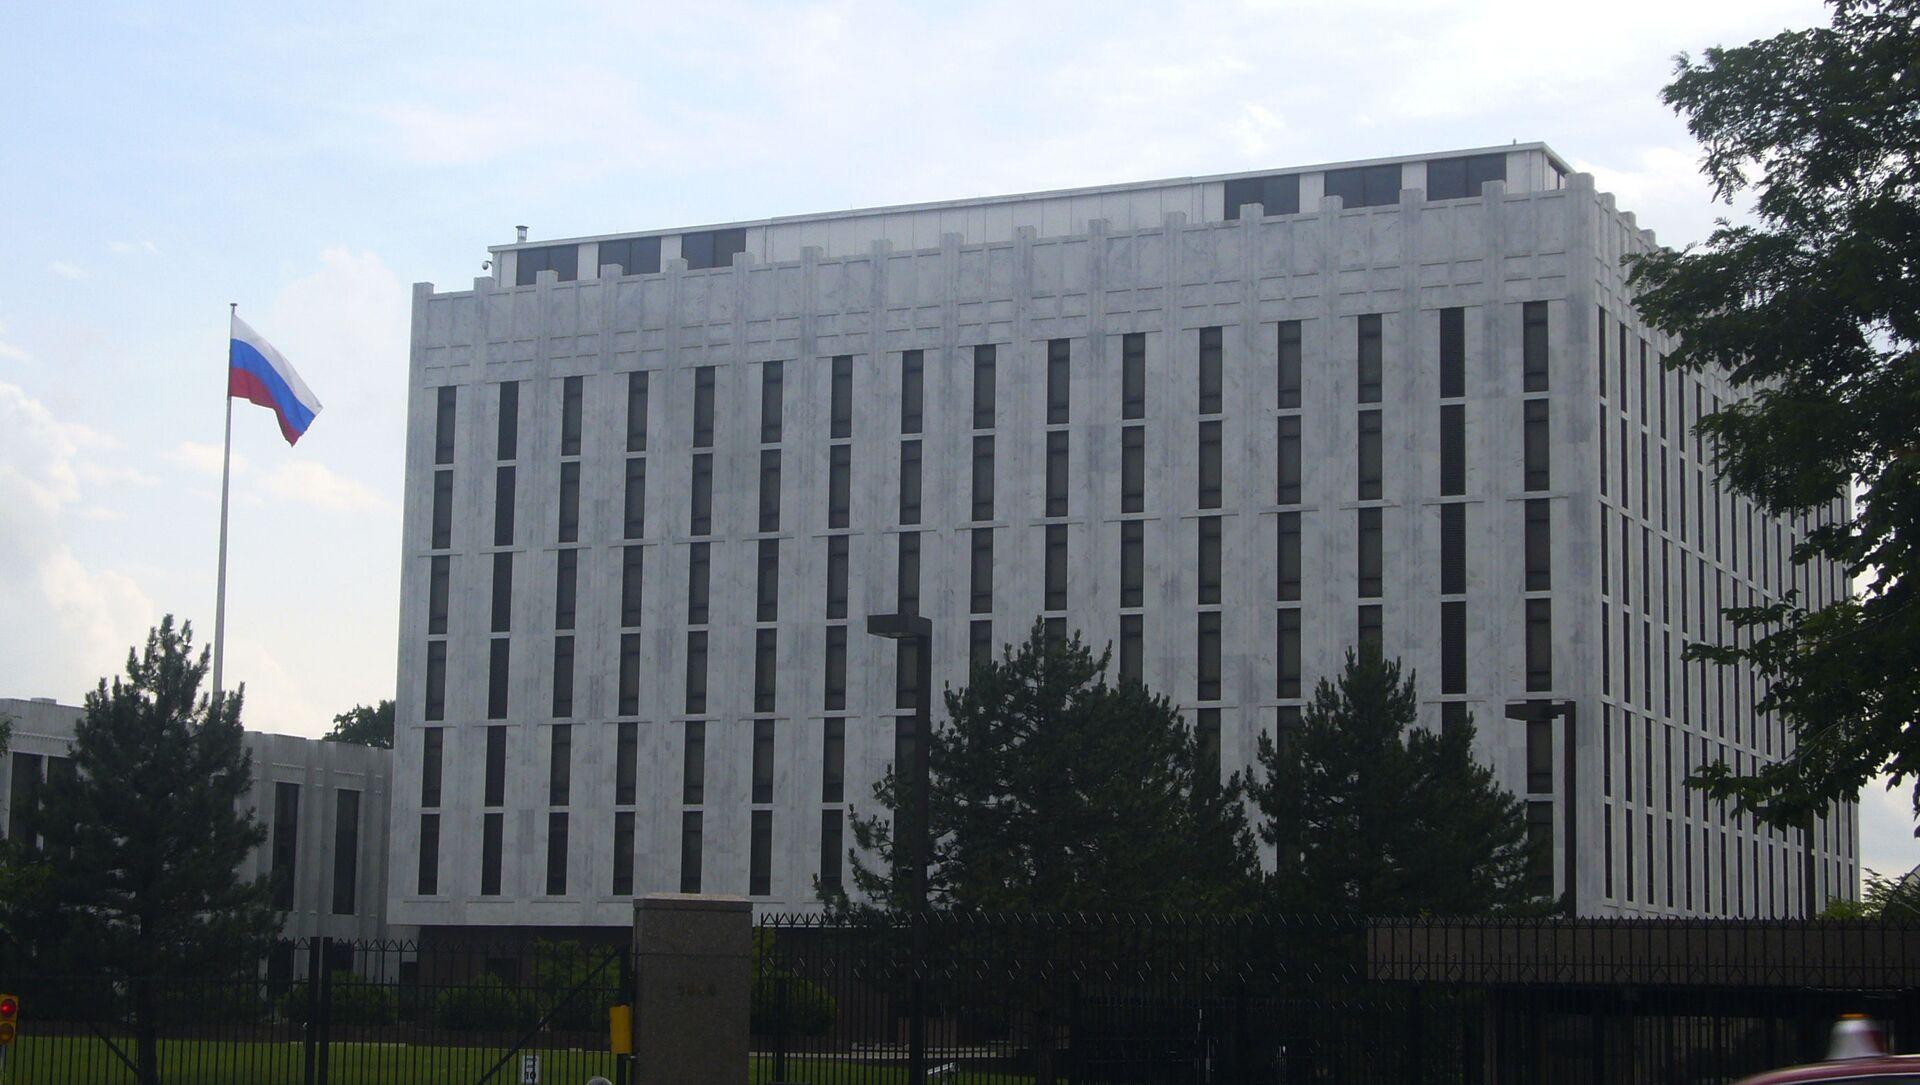 Ambassade de Russie à Washington (archive photo) - Sputnik France, 1920, 02.08.2021